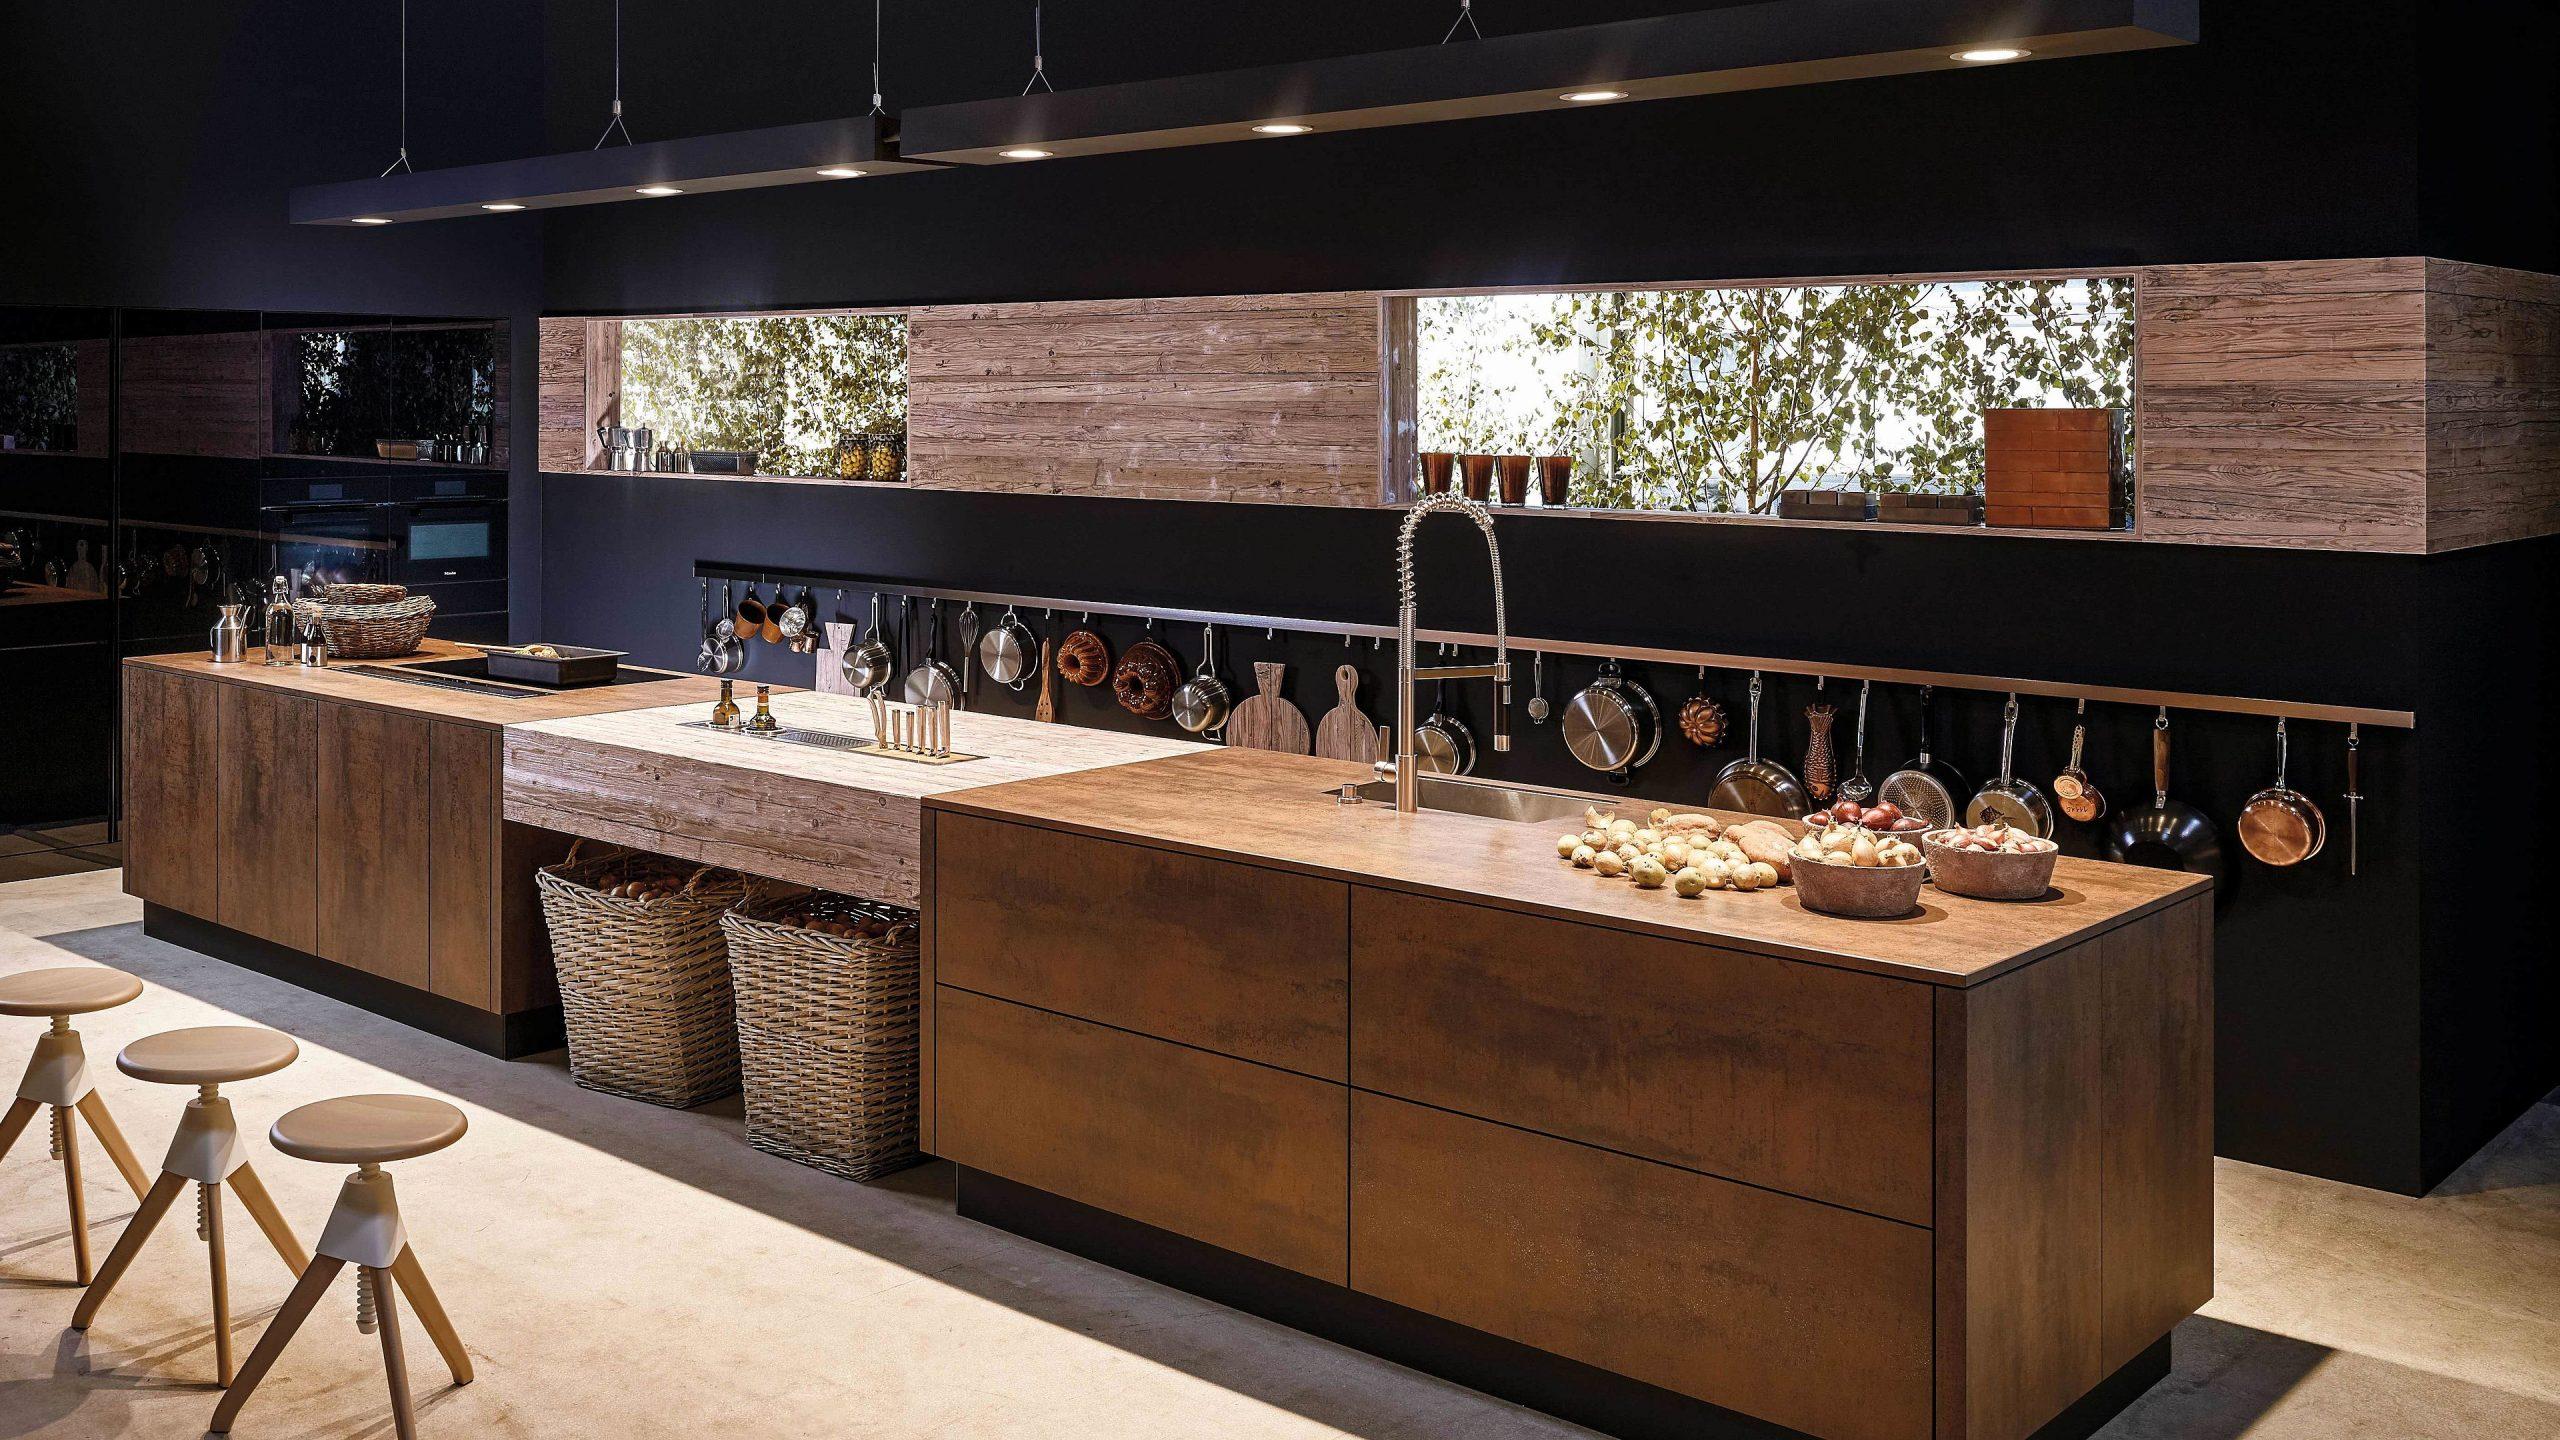 Full Size of Küche Eiche Hell Massiv Küche Eiche Hell Rustikal Arbeitsplatte Küche Eiche Hell Küche Eiche Hell Welche Wandfarbe Küche Küche Eiche Hell